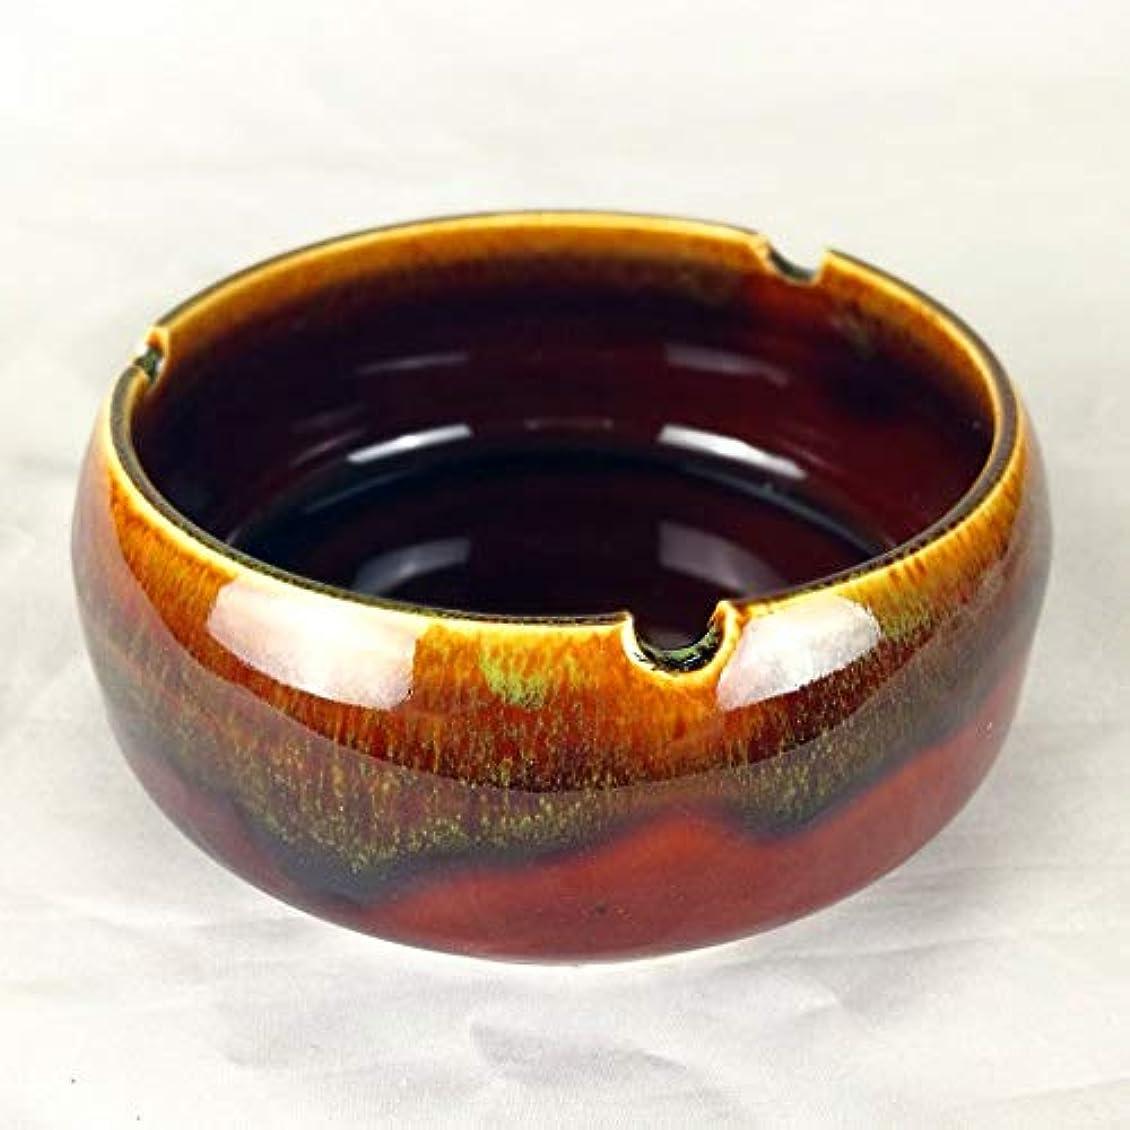 ミニチュアロボット可能性カバー家の装飾、から選ぶべき4色のタバコの創造的な灰皿のための灰皿 (色 : 褐色)